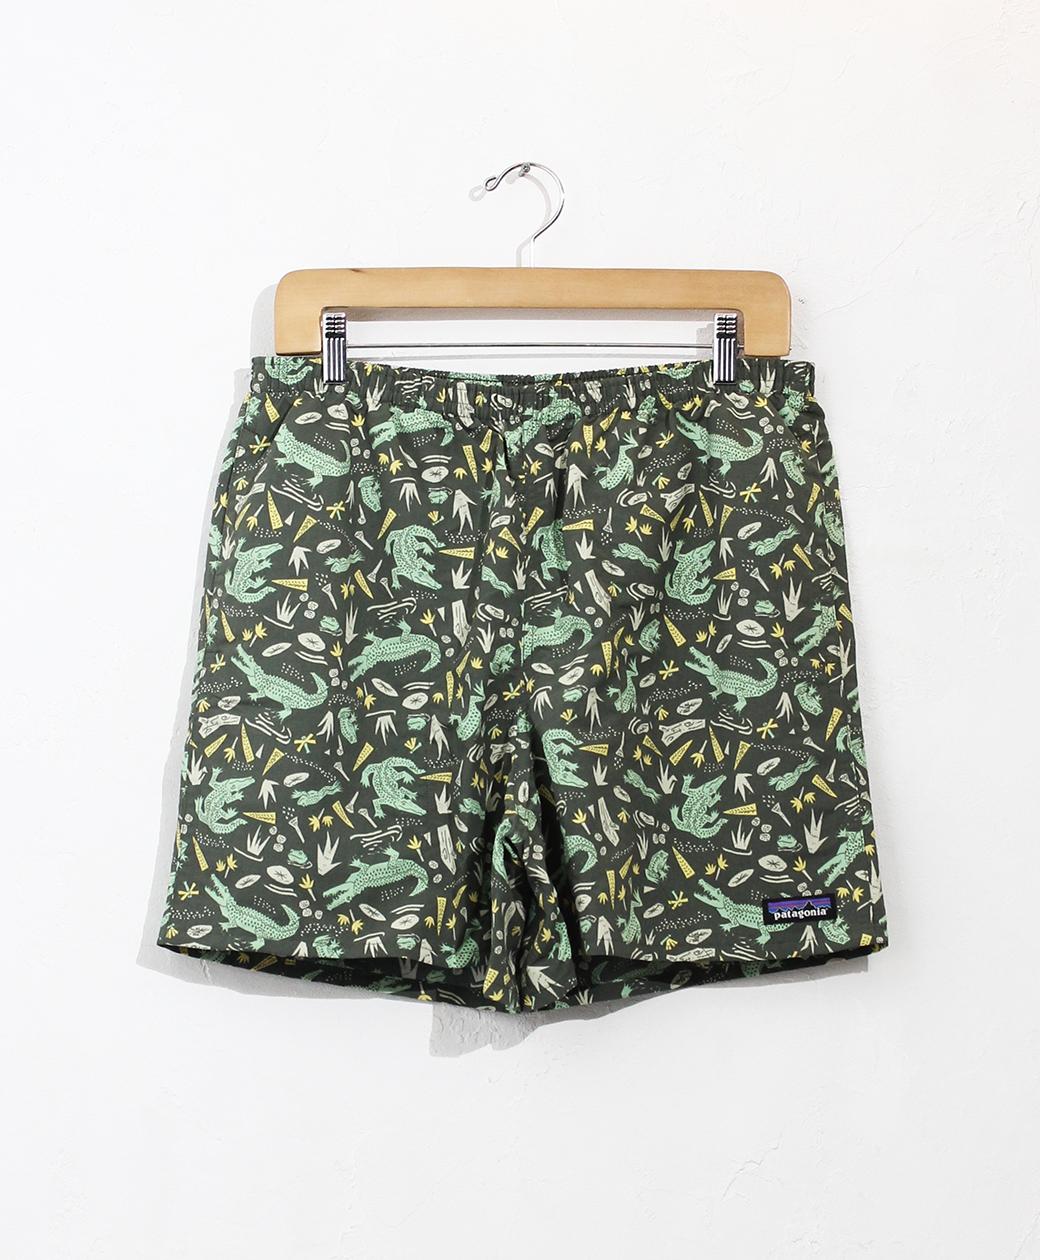 patagonia M's Baggies Shorts 5(ABKG)